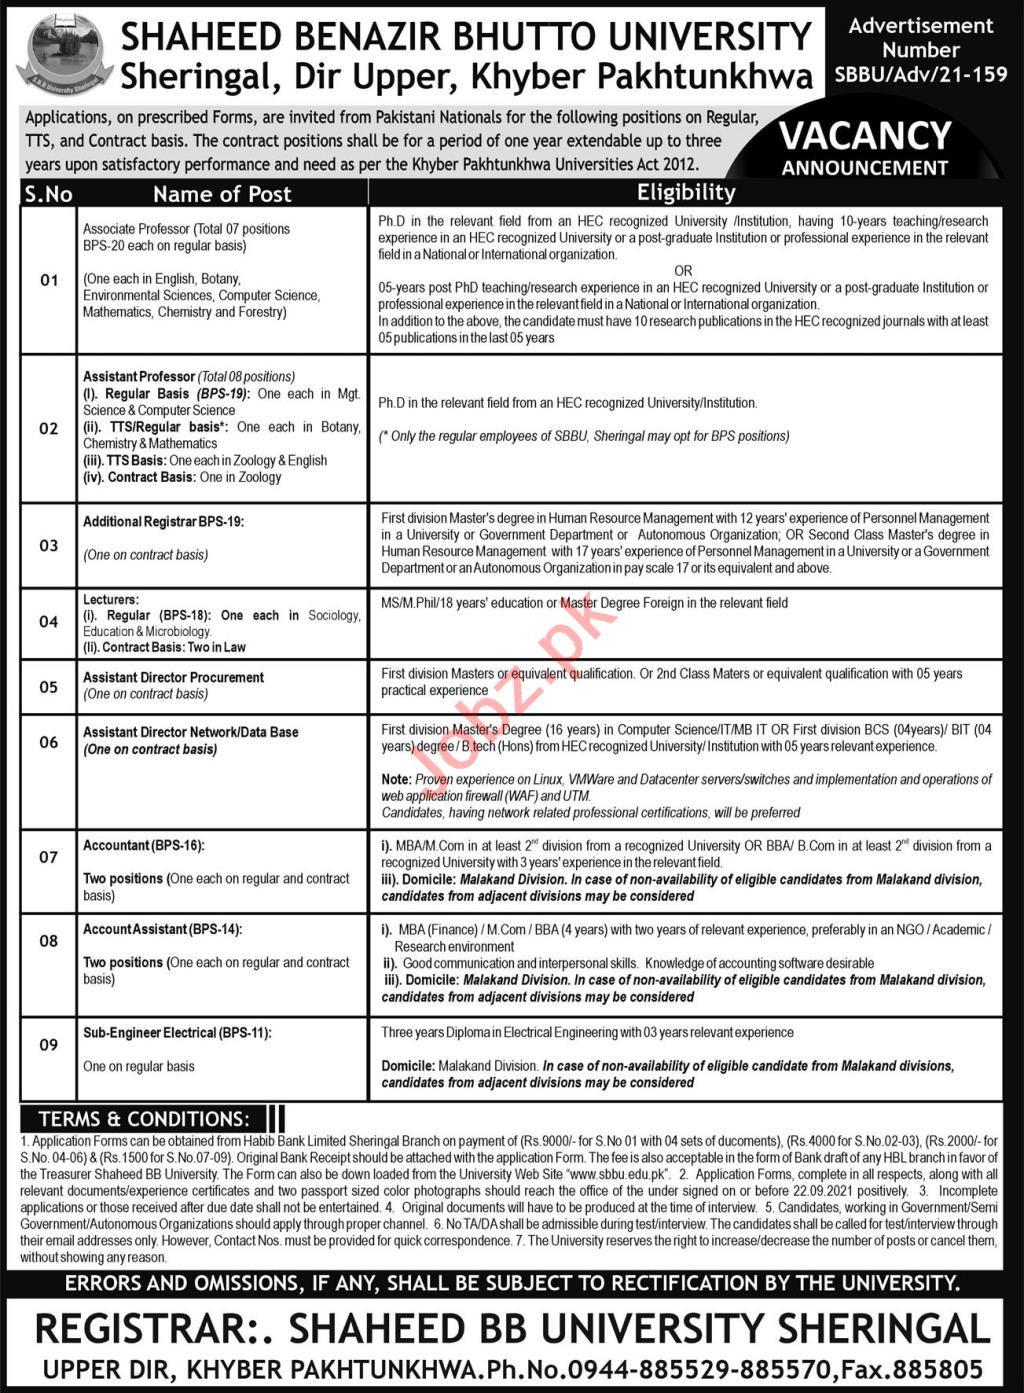 Jobs in Shaheed Benazir Bhutto University